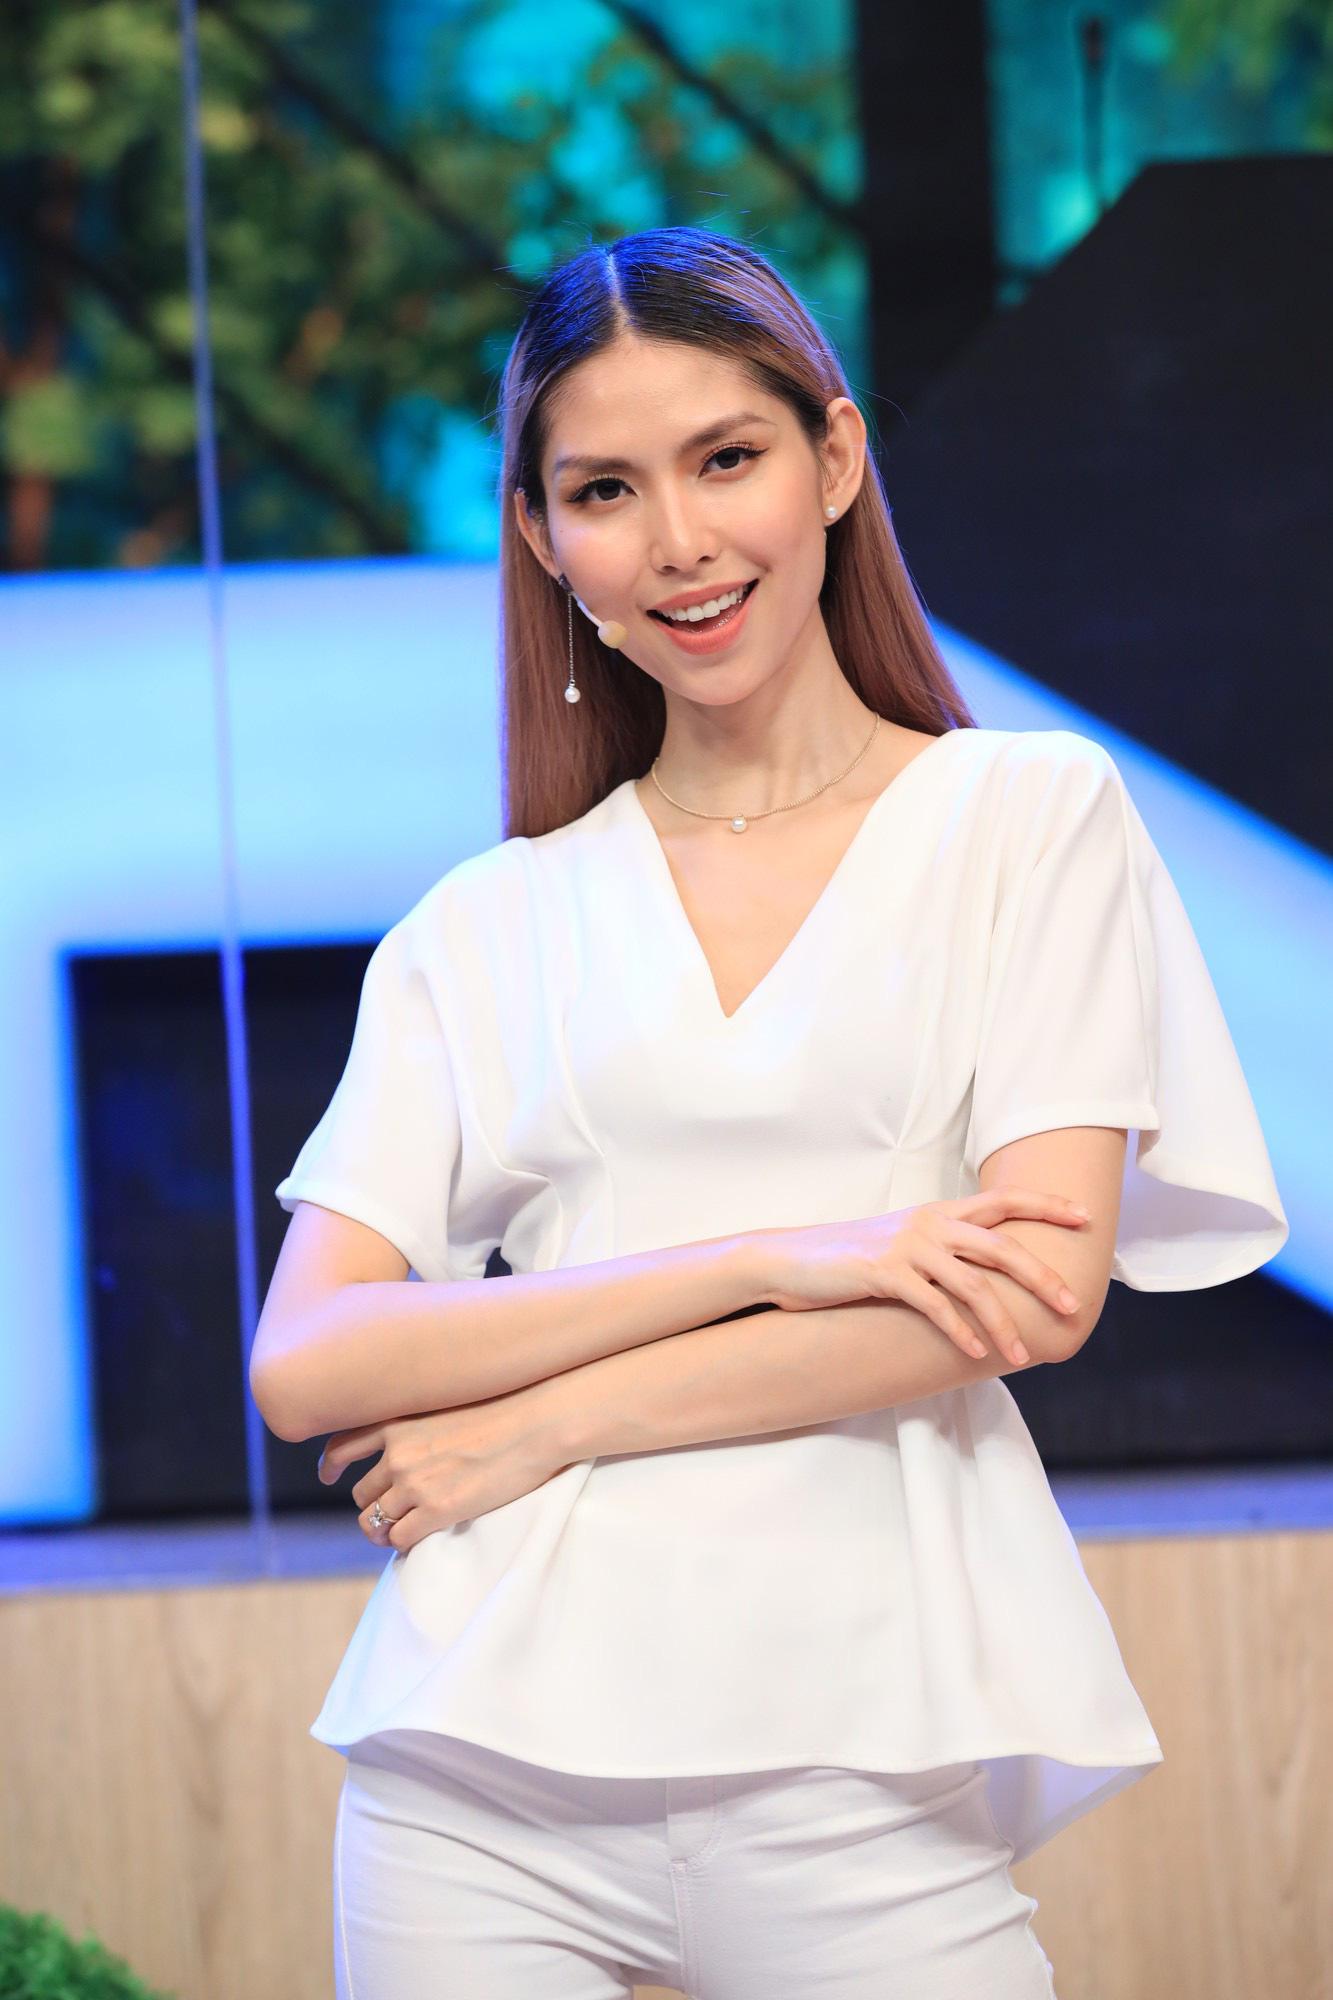 Hậu làm lành, Cao Thiên Trang - Thùy Dương đối đầu nhau trên show nấu ăn - Ảnh 6.